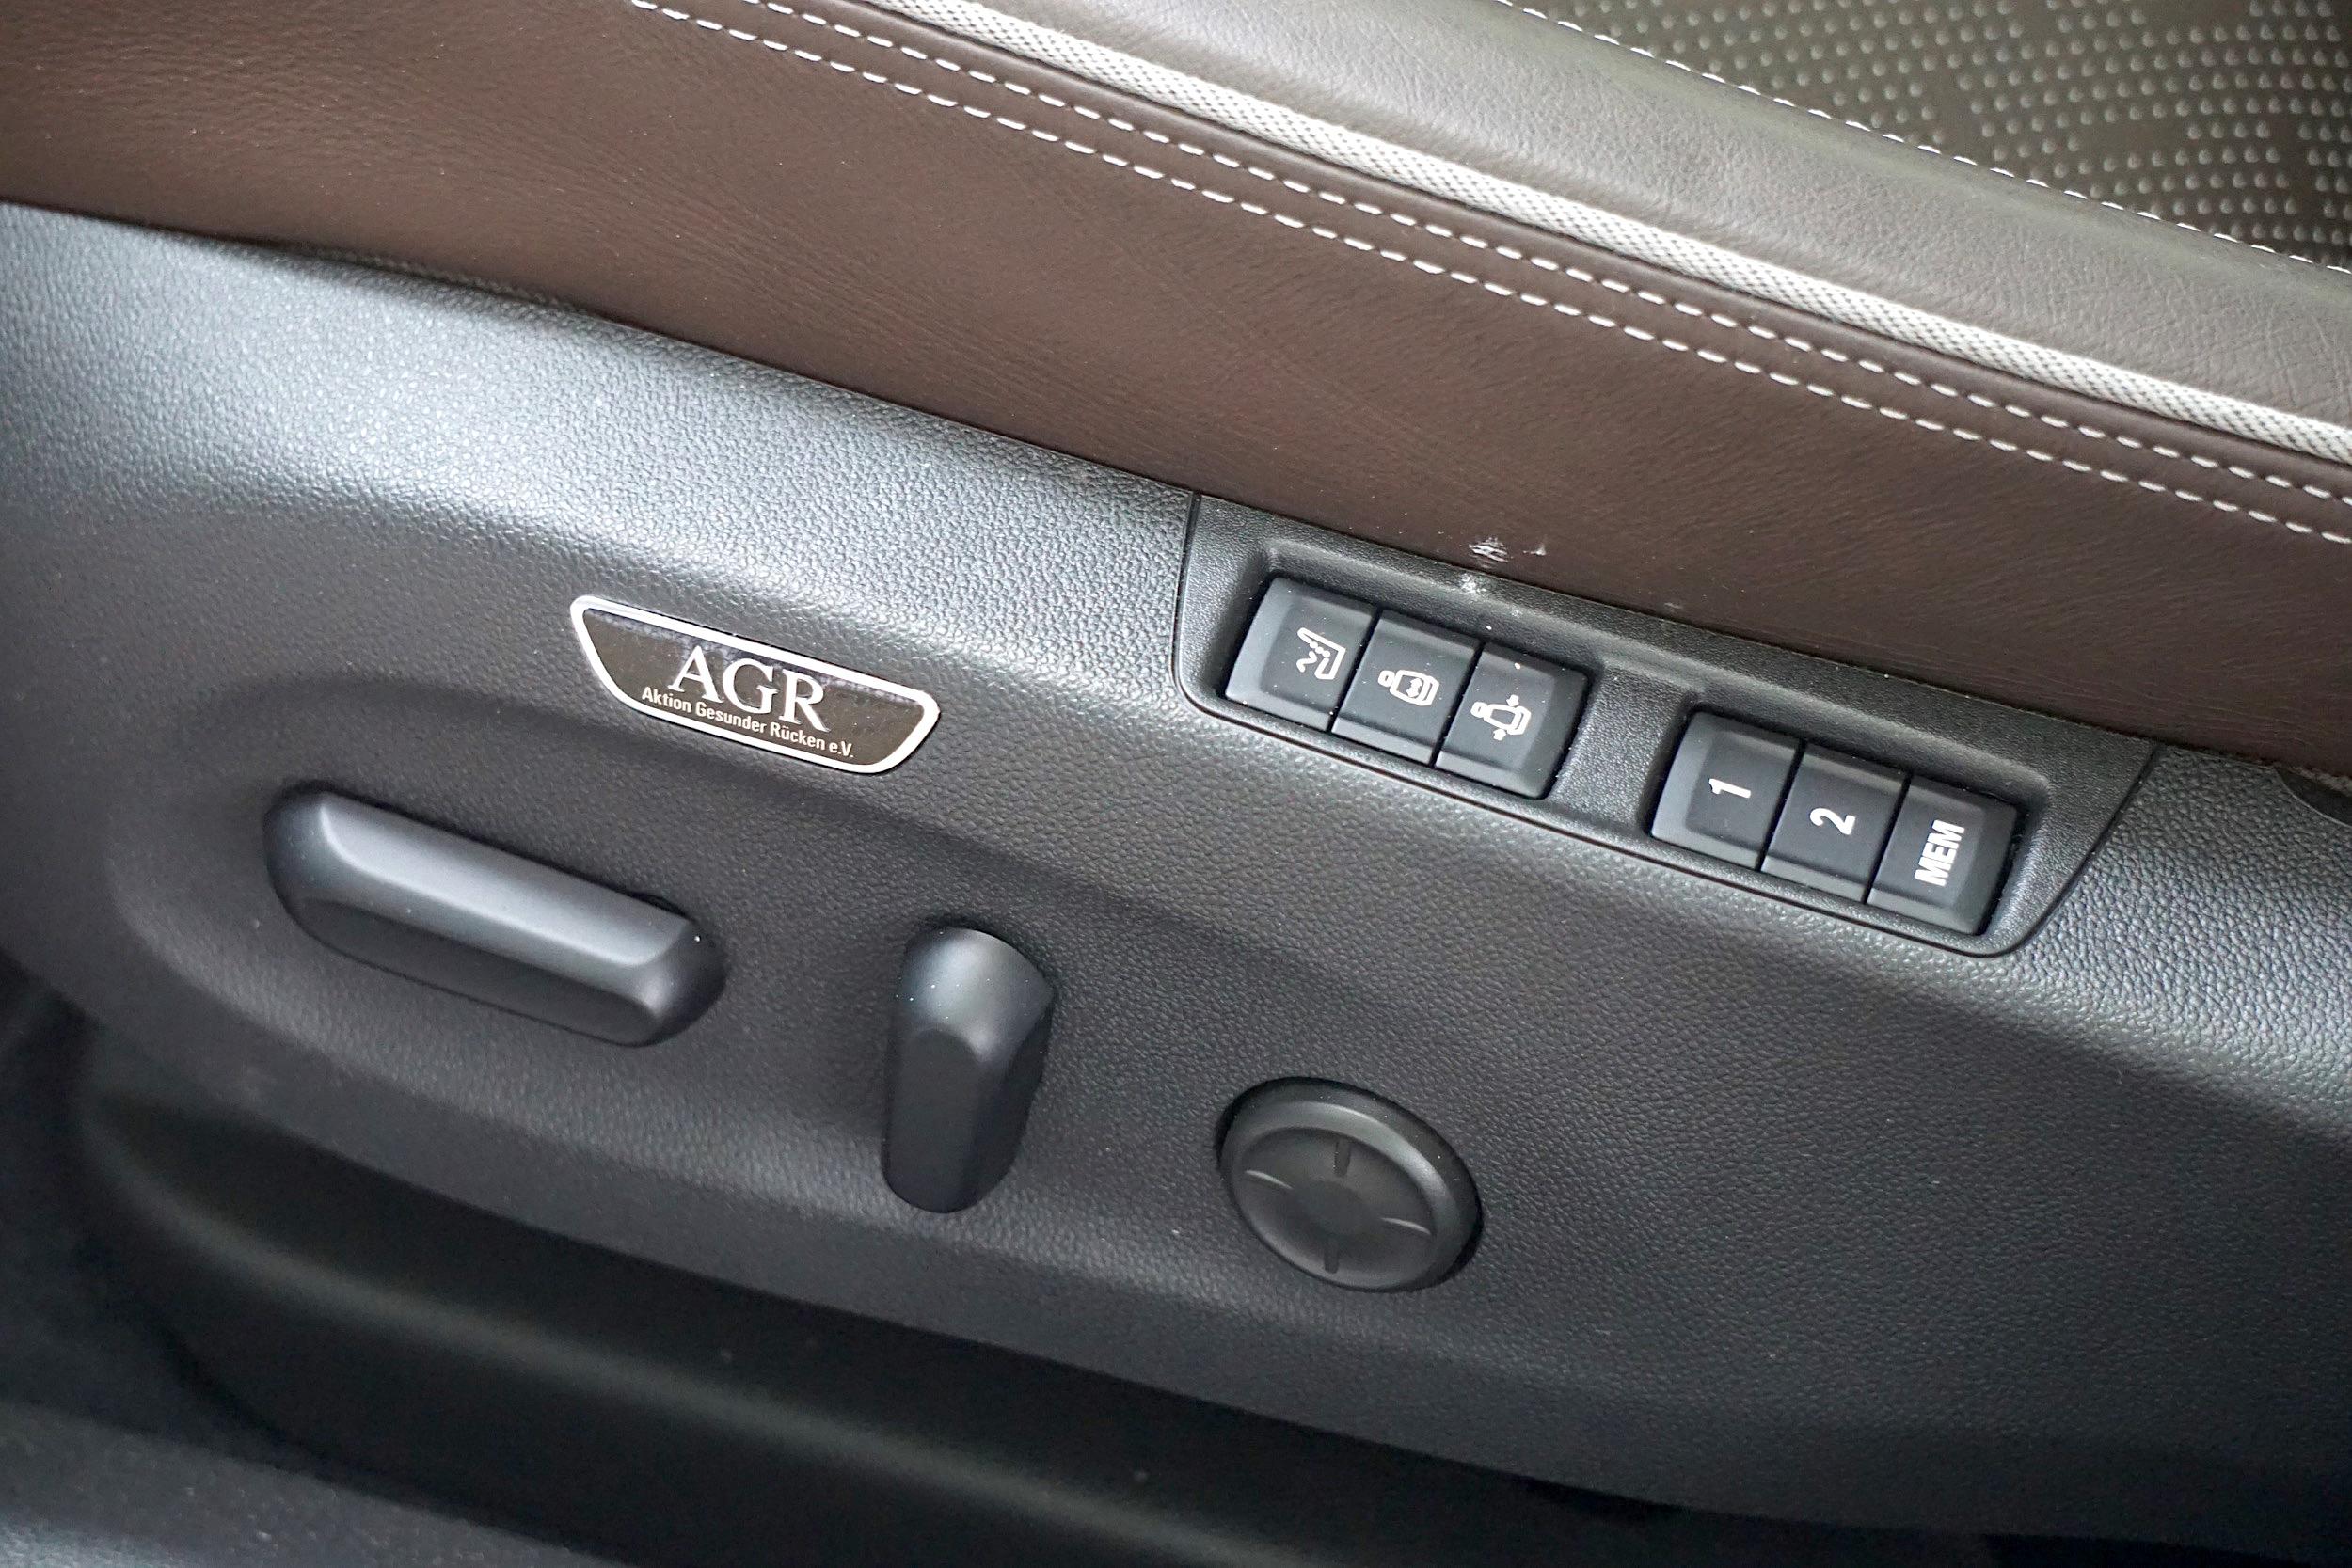 Test Opel Insignia Sports Tourer Radicalmag 2018 9 Gsi Hat Zwar Eine Sportliche Vergangenheit Doch Unterdessen Ist Dies Ja In Erster Linie Die Gehobenste Ausstattungslinie